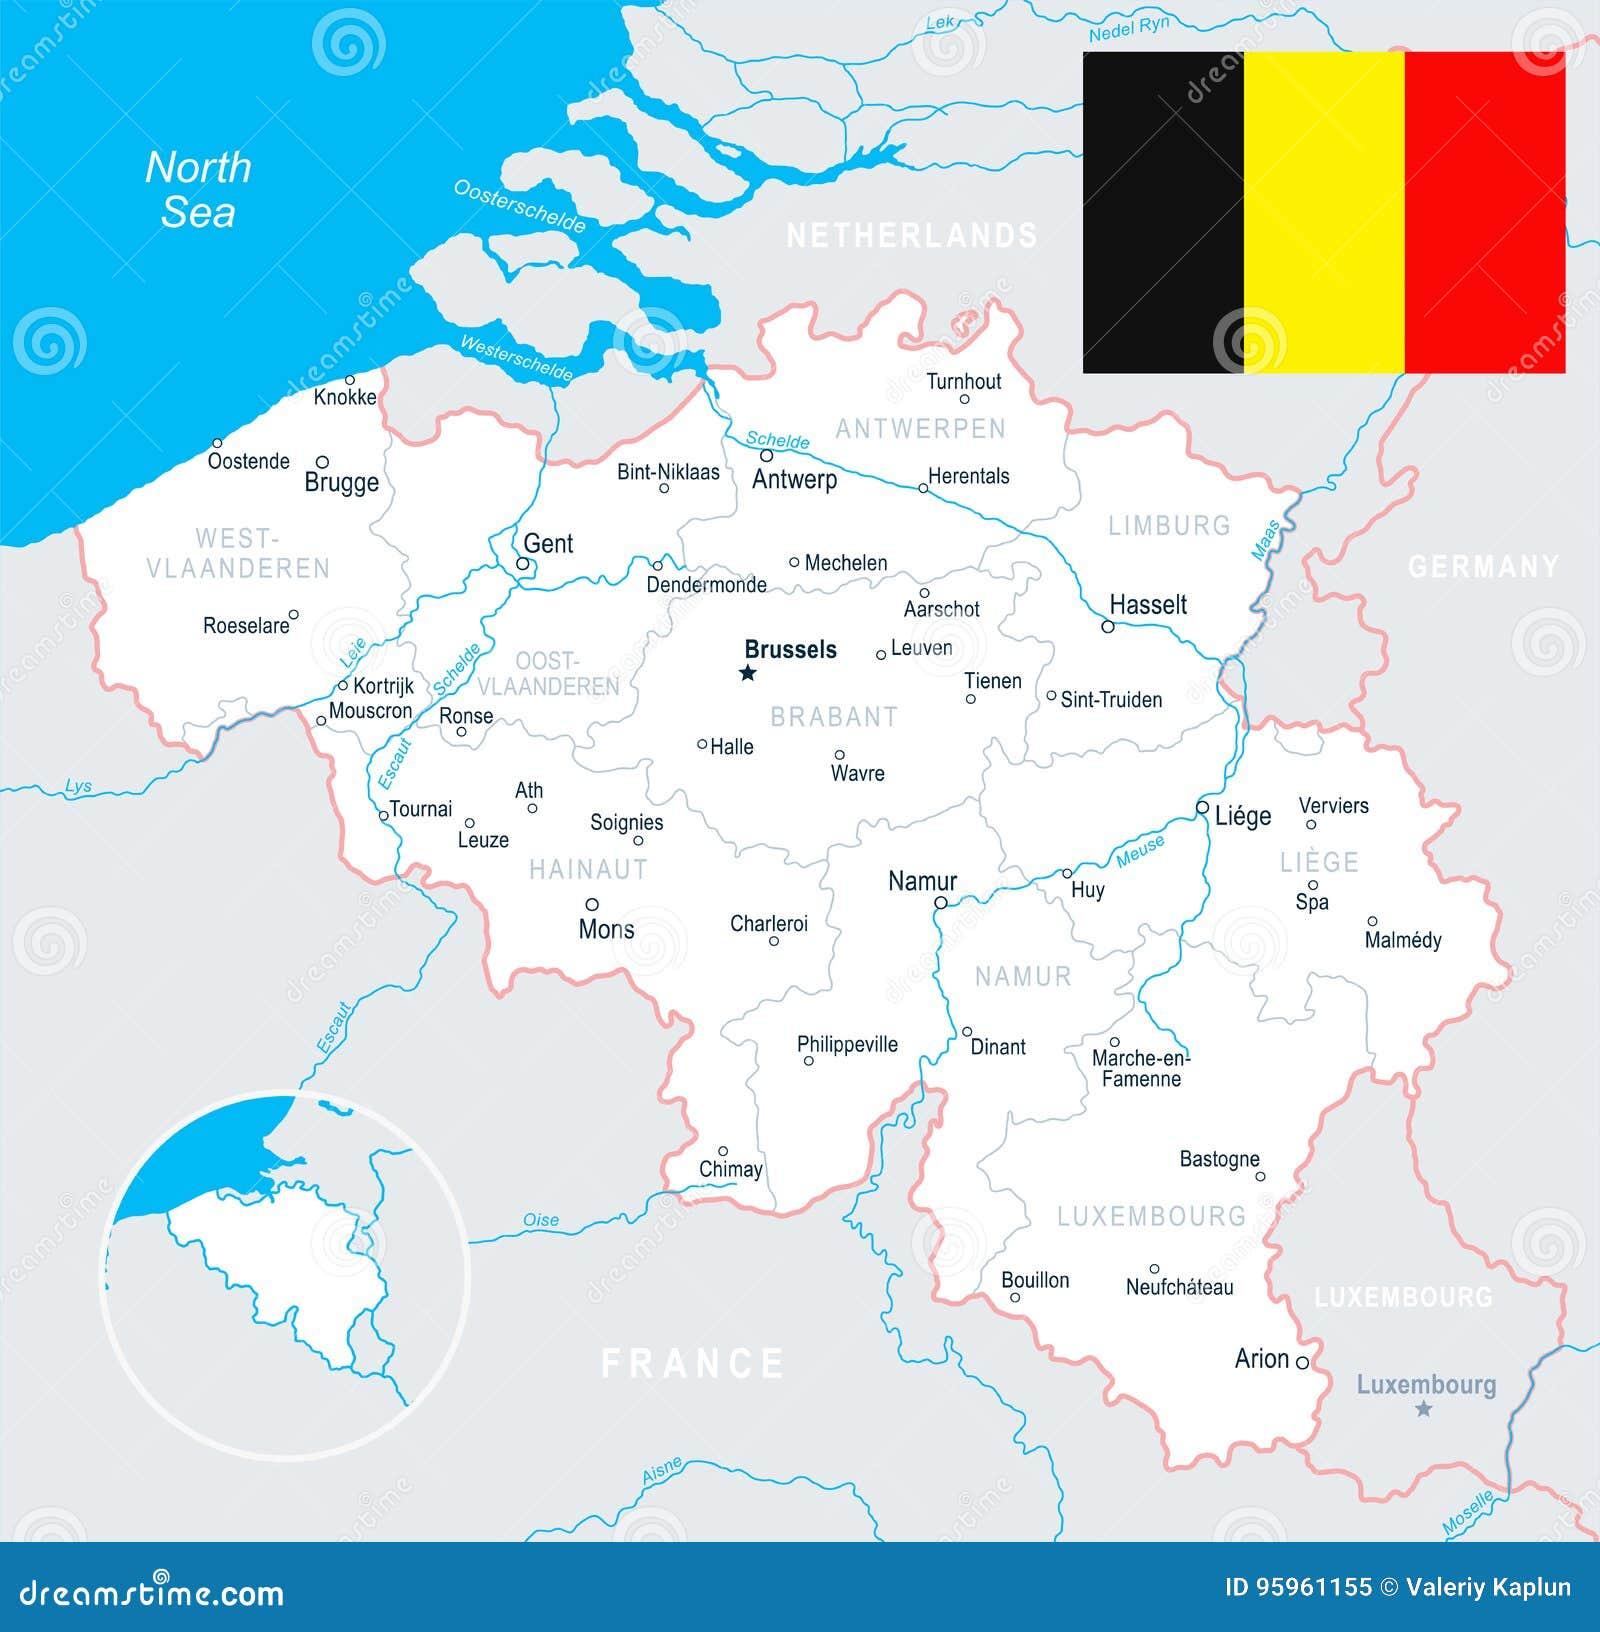 Brussels, Antwerp, Gent, Bruges - Map And Flag Illustration ...